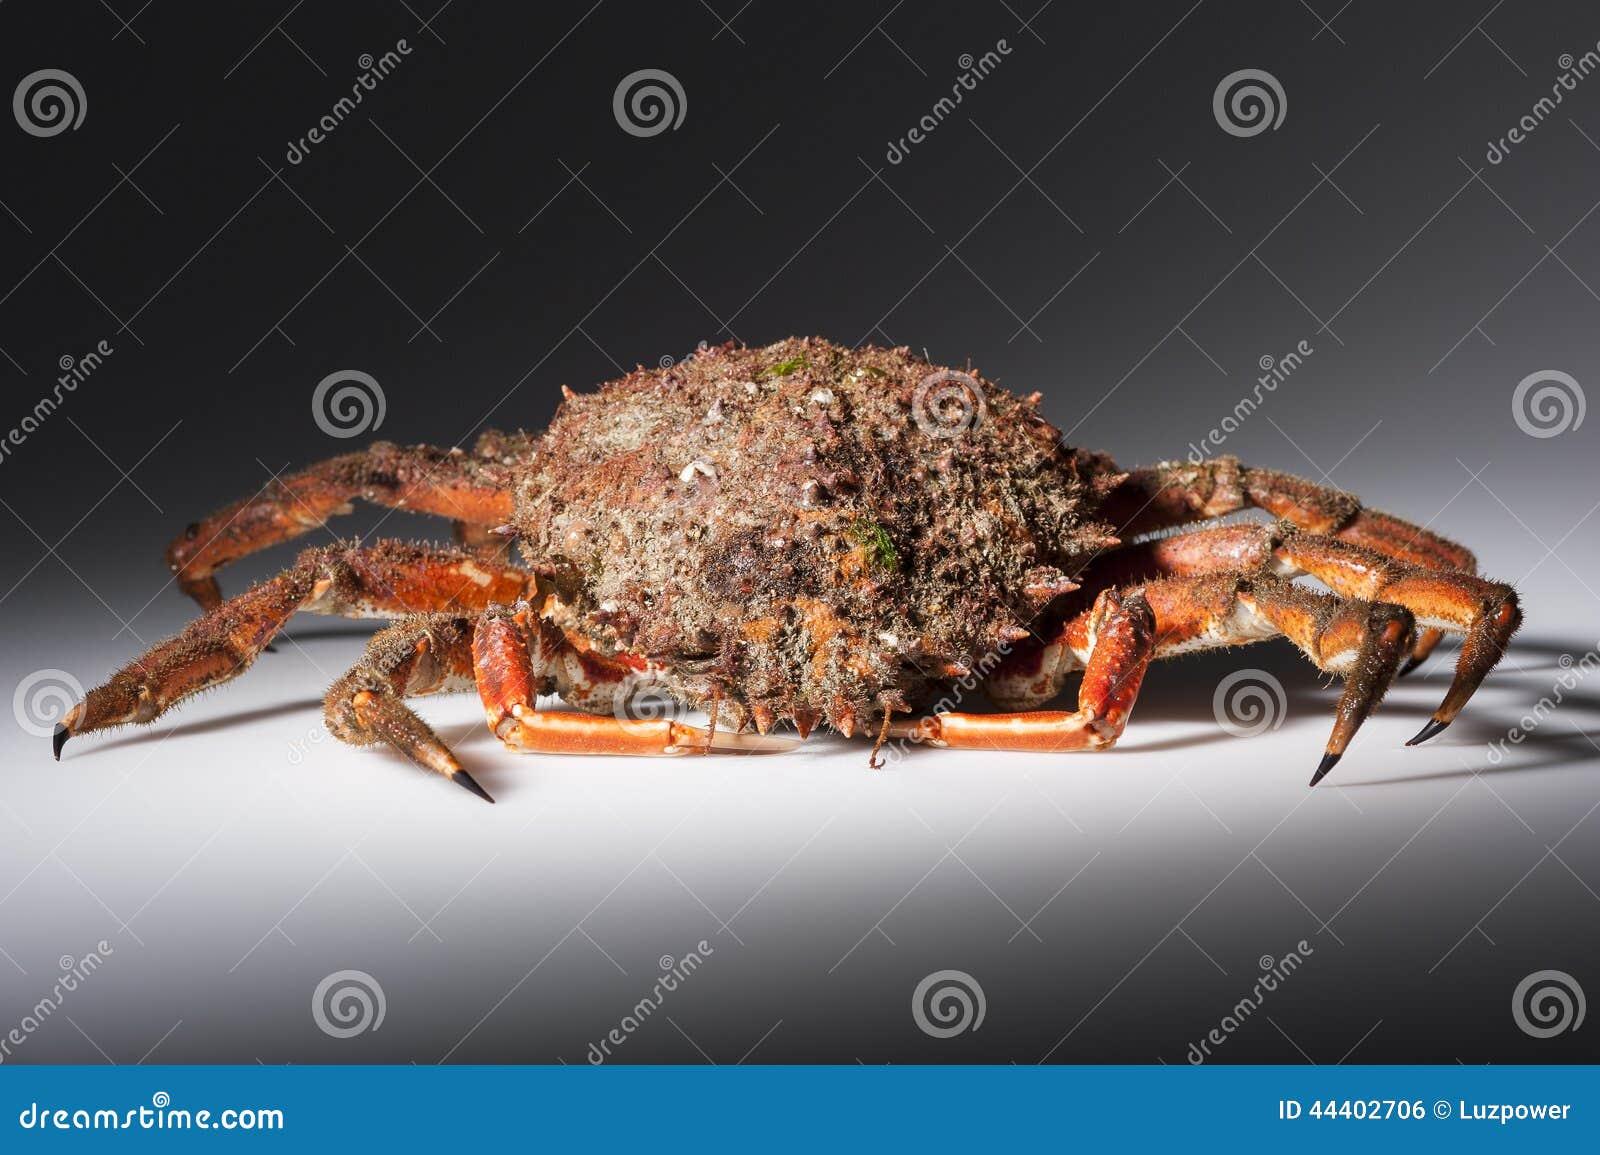 Araign e de mer europ enne crustac fruits de mer orange rouge d 39 isolement photo stock - Araignee rouge savon noir ...